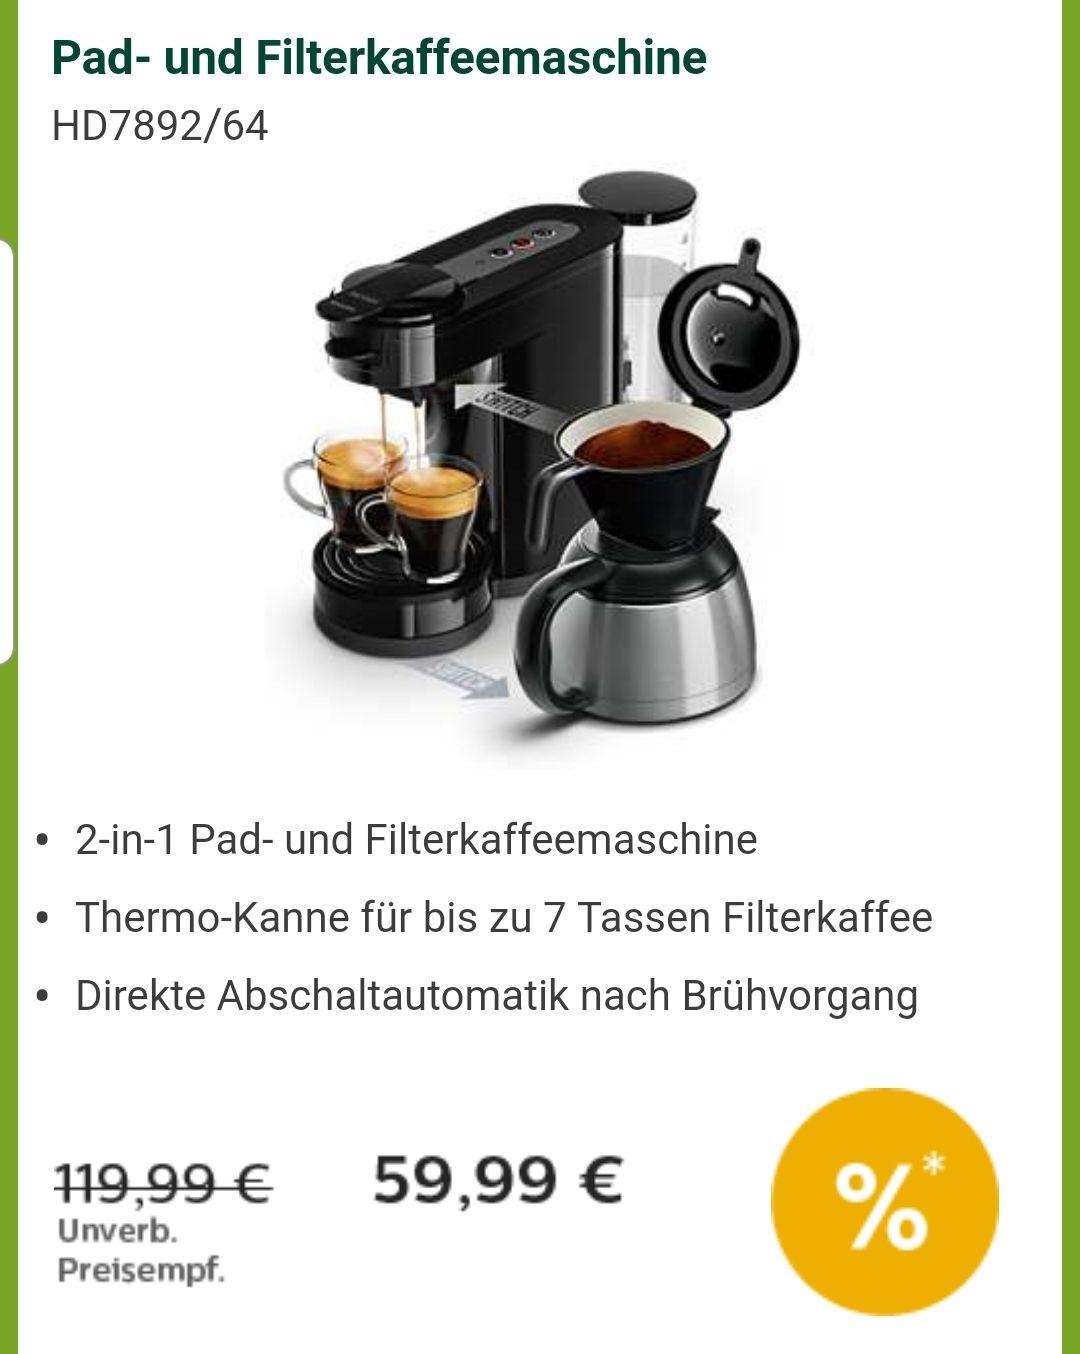 Senseo Switch Kaffemaschine Padmaschine im Philips Onlineshop